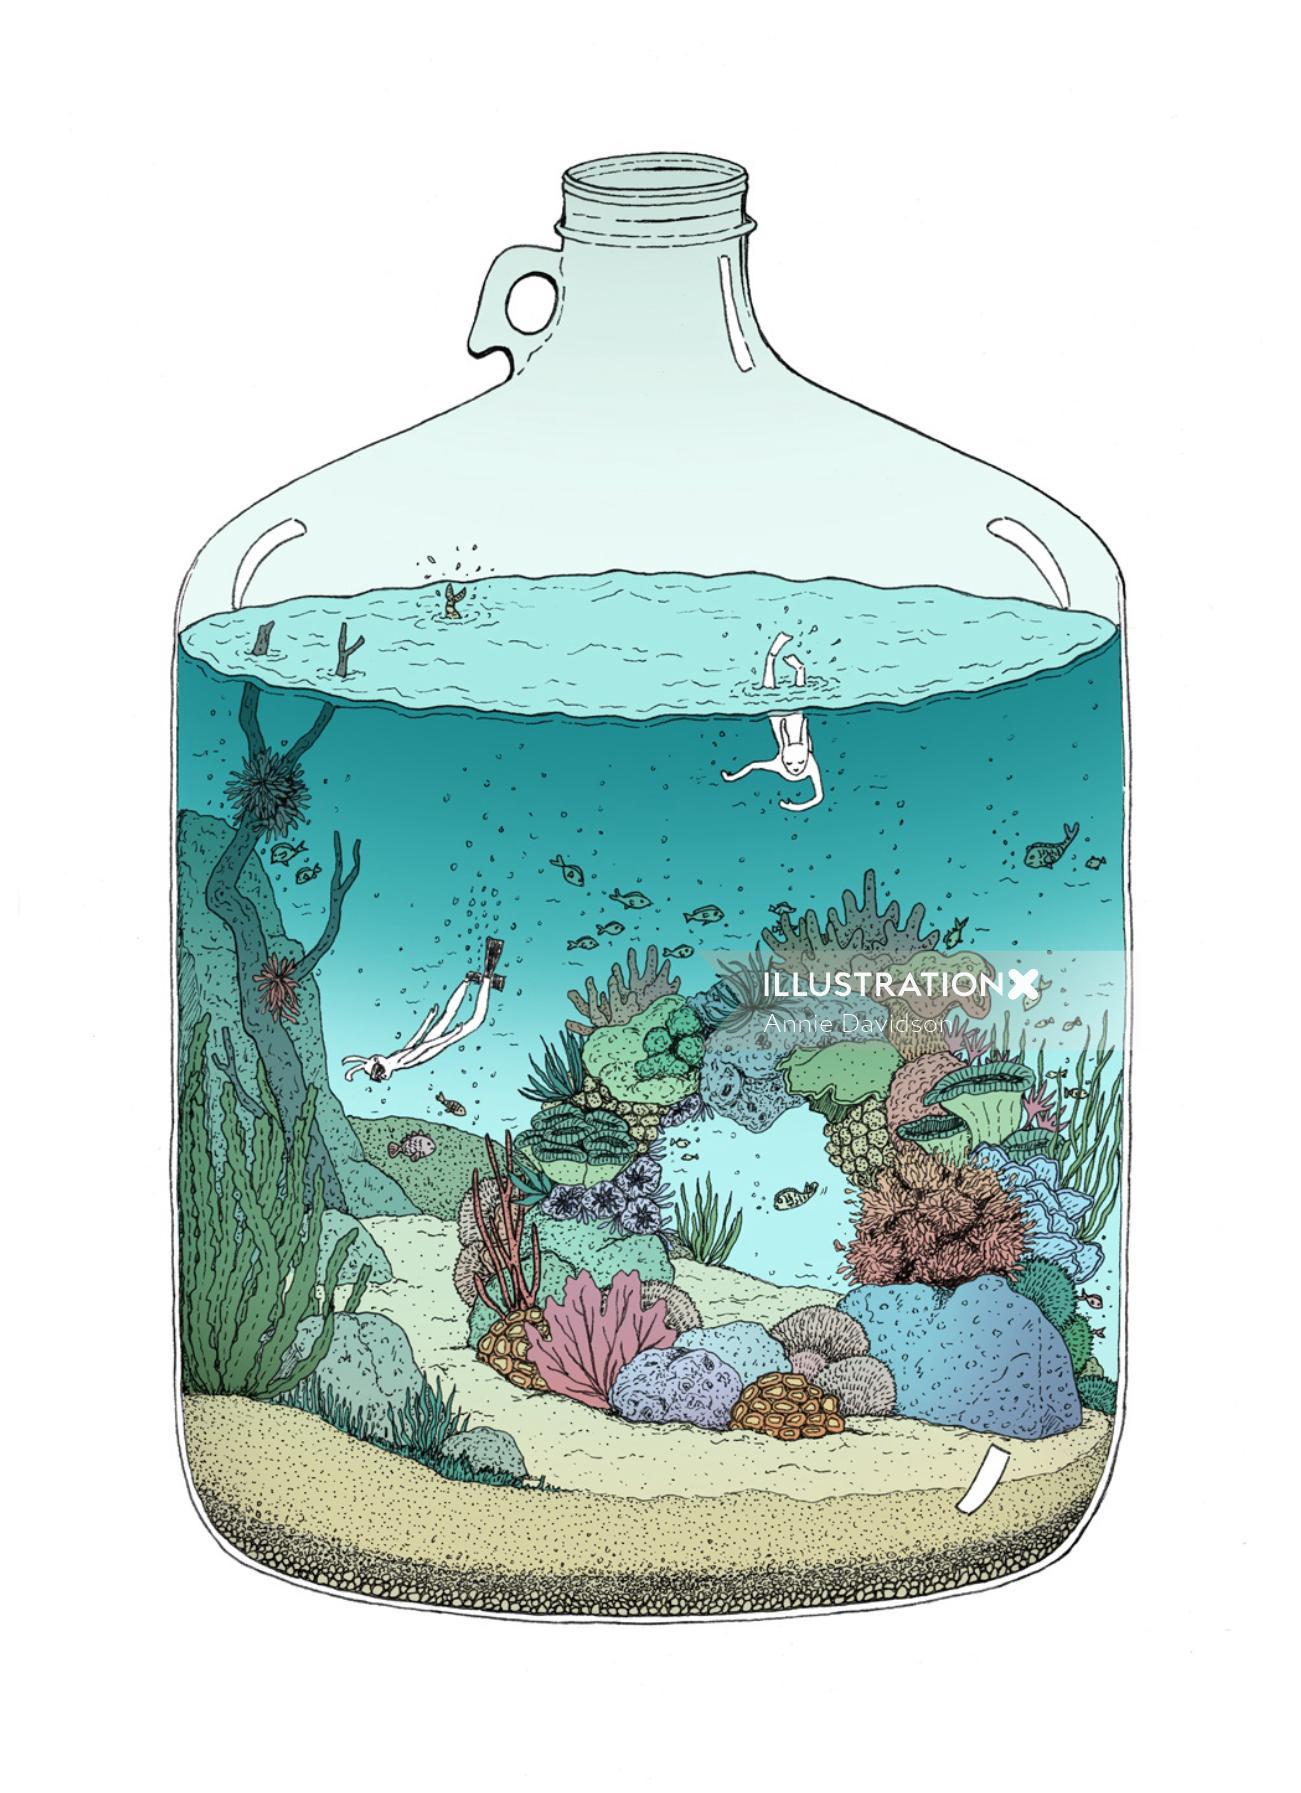 Deep sea diving artwork by Annie Davidson